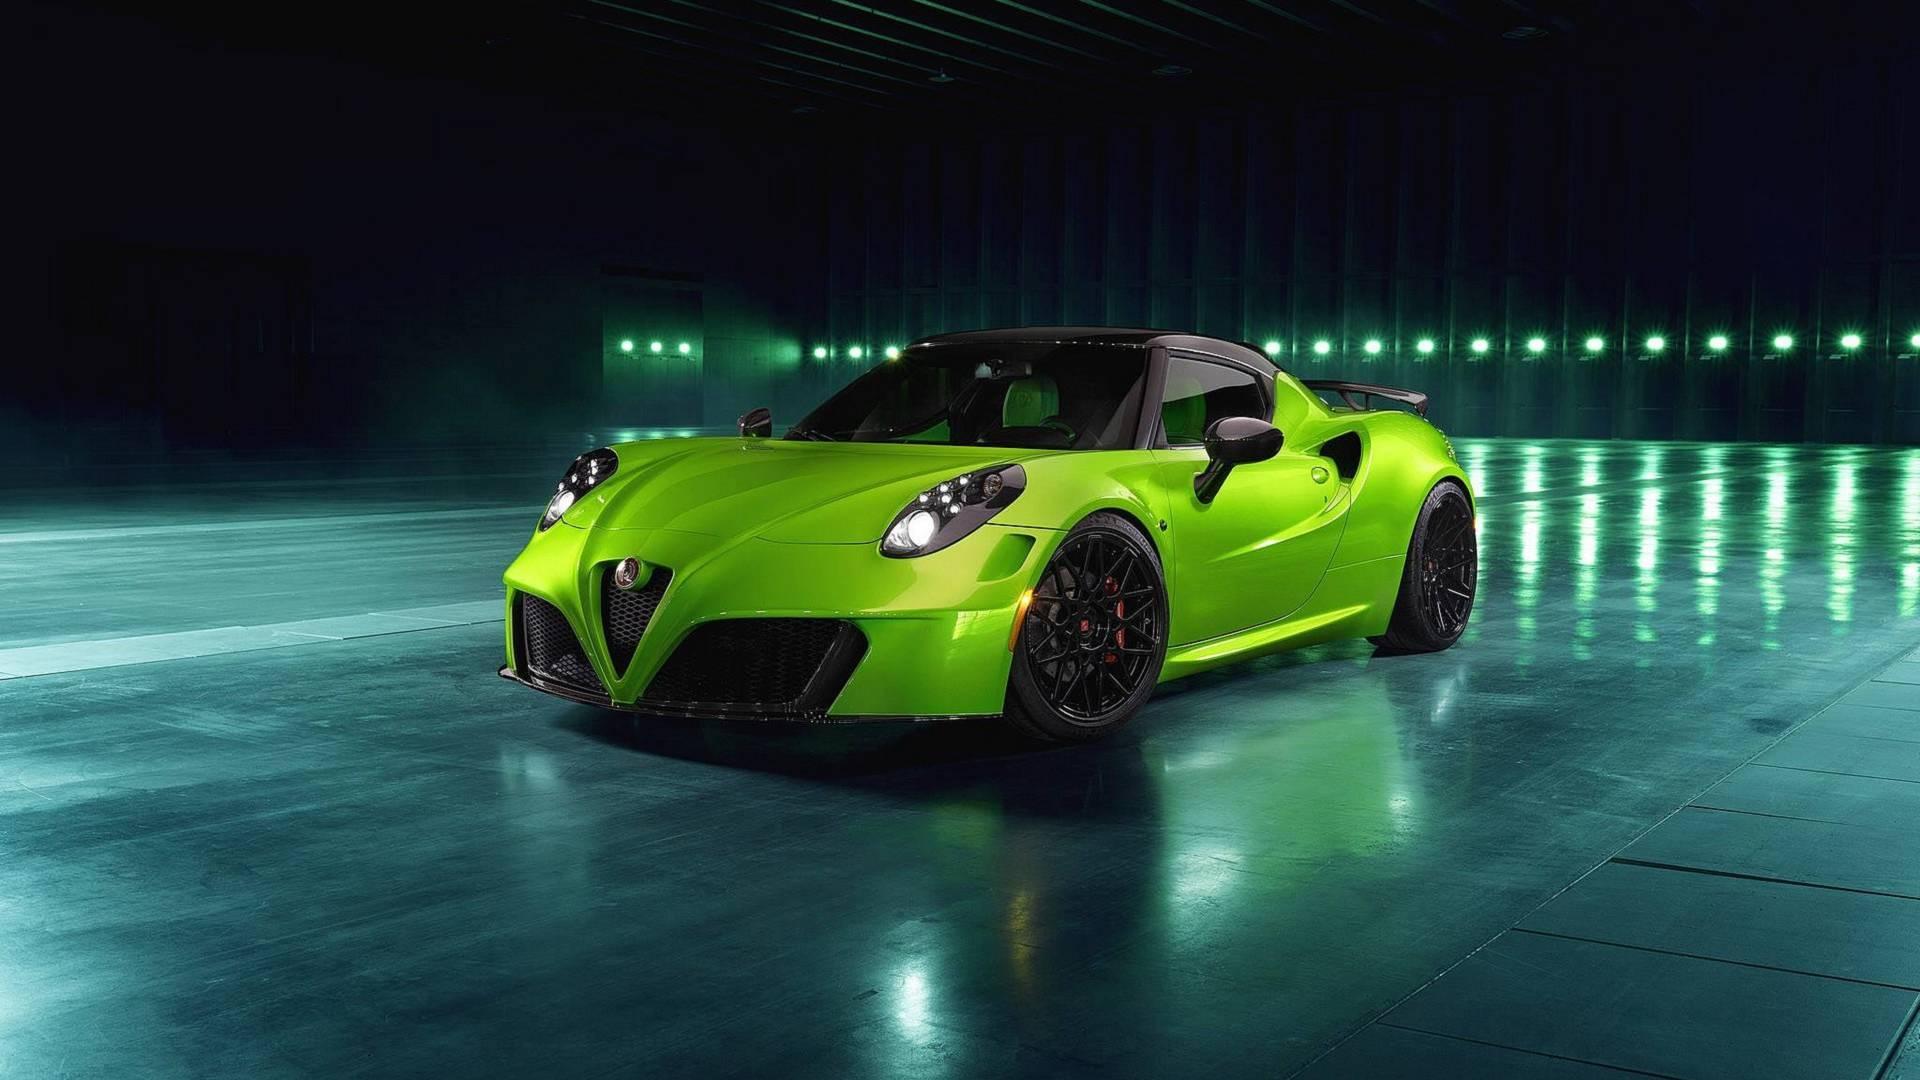 В тюнинг-ателье Pogea Racing предложили необычный пакет обновлений для спорткара Alfa Romeo 4C